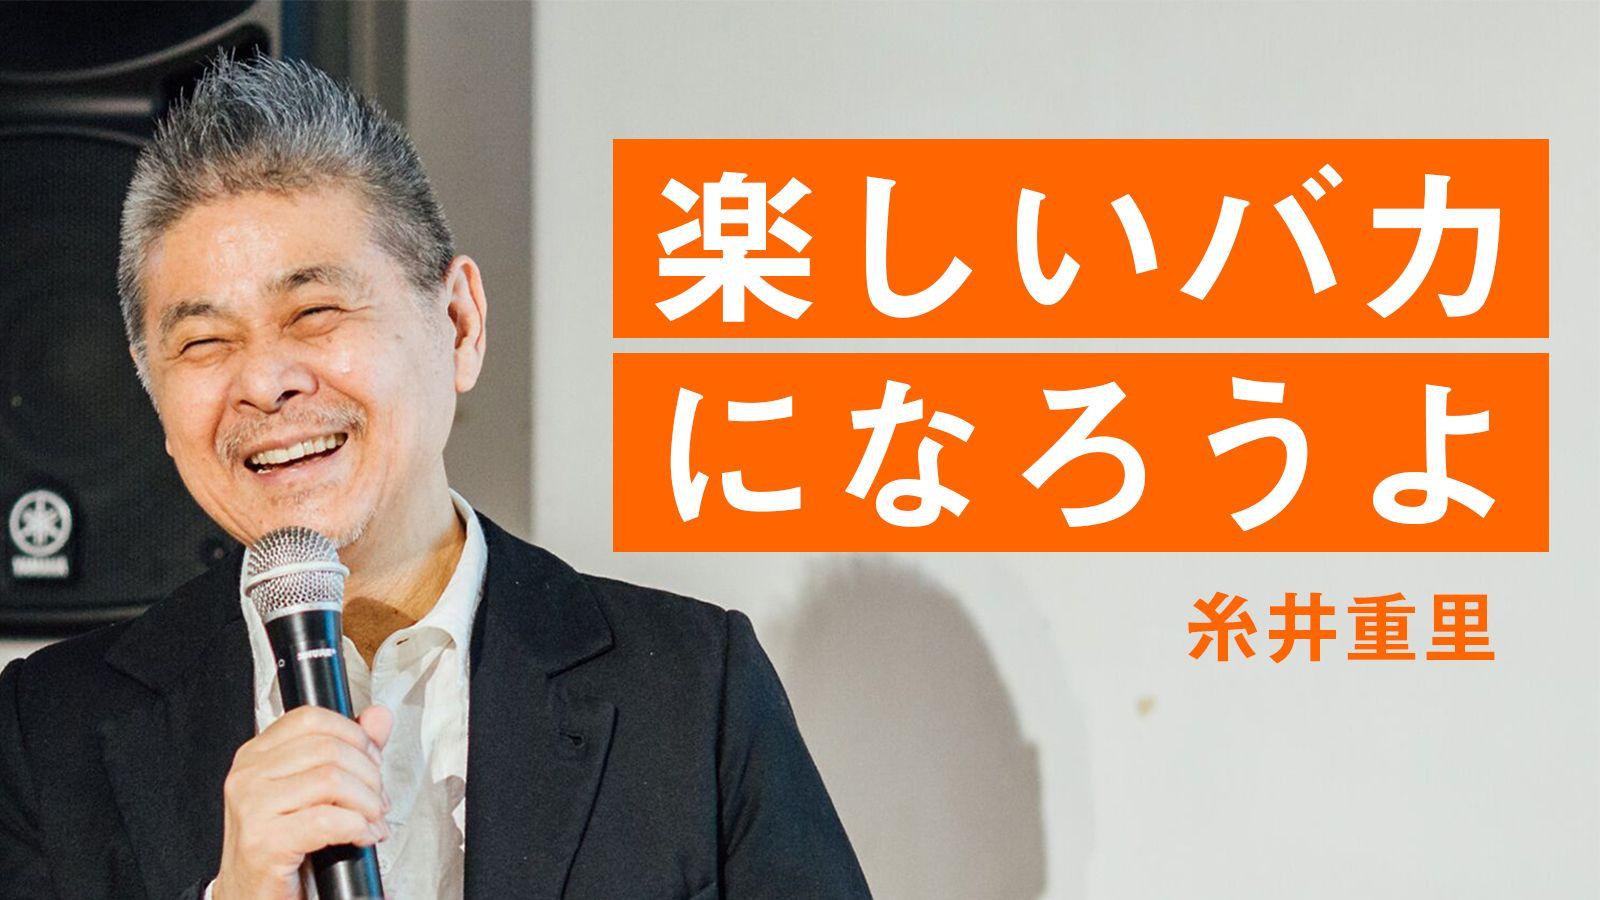 糸井重里さんと考える、企画って何だろう。